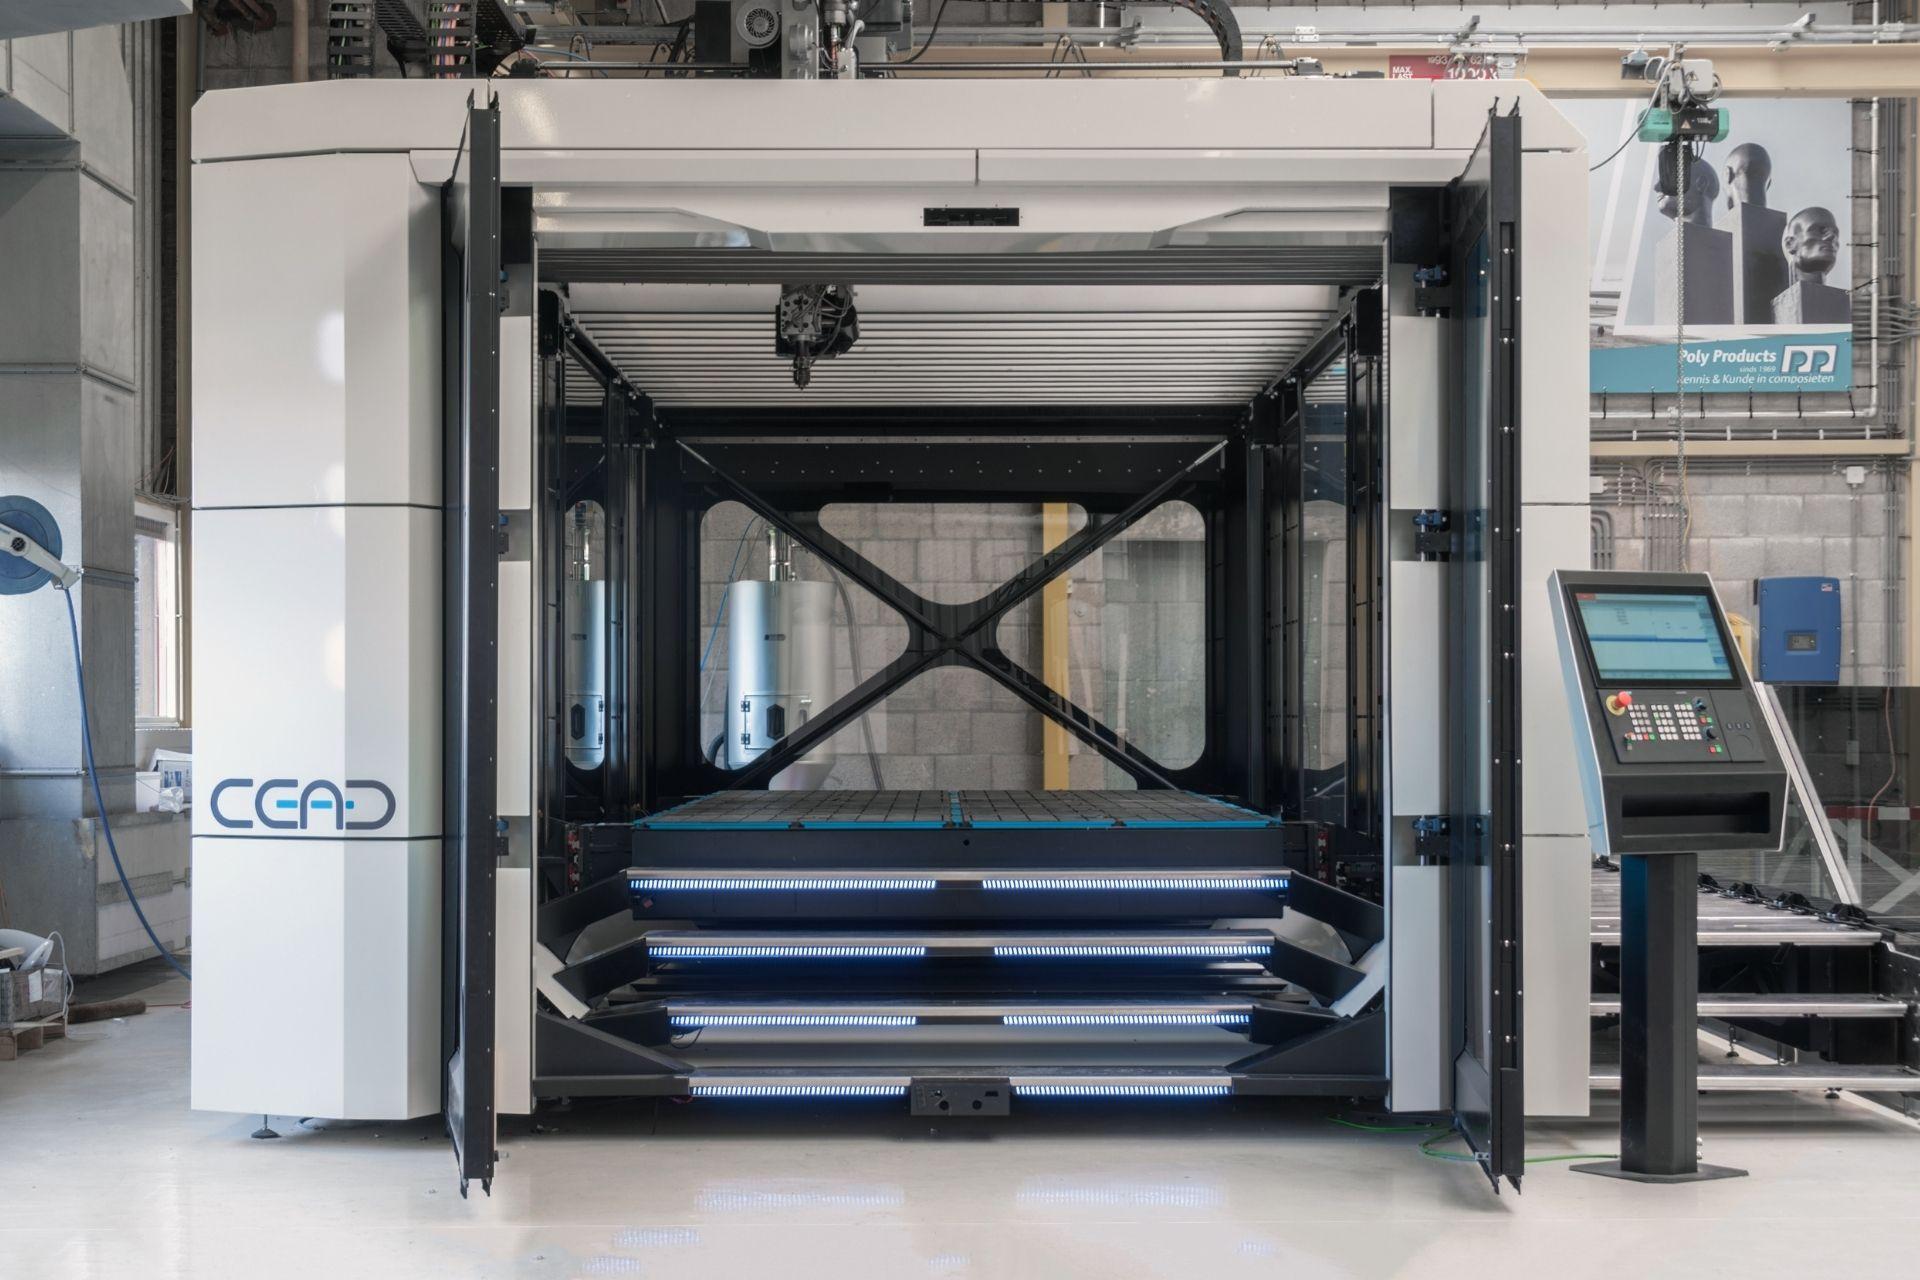 CFAM Prime front view with doors open